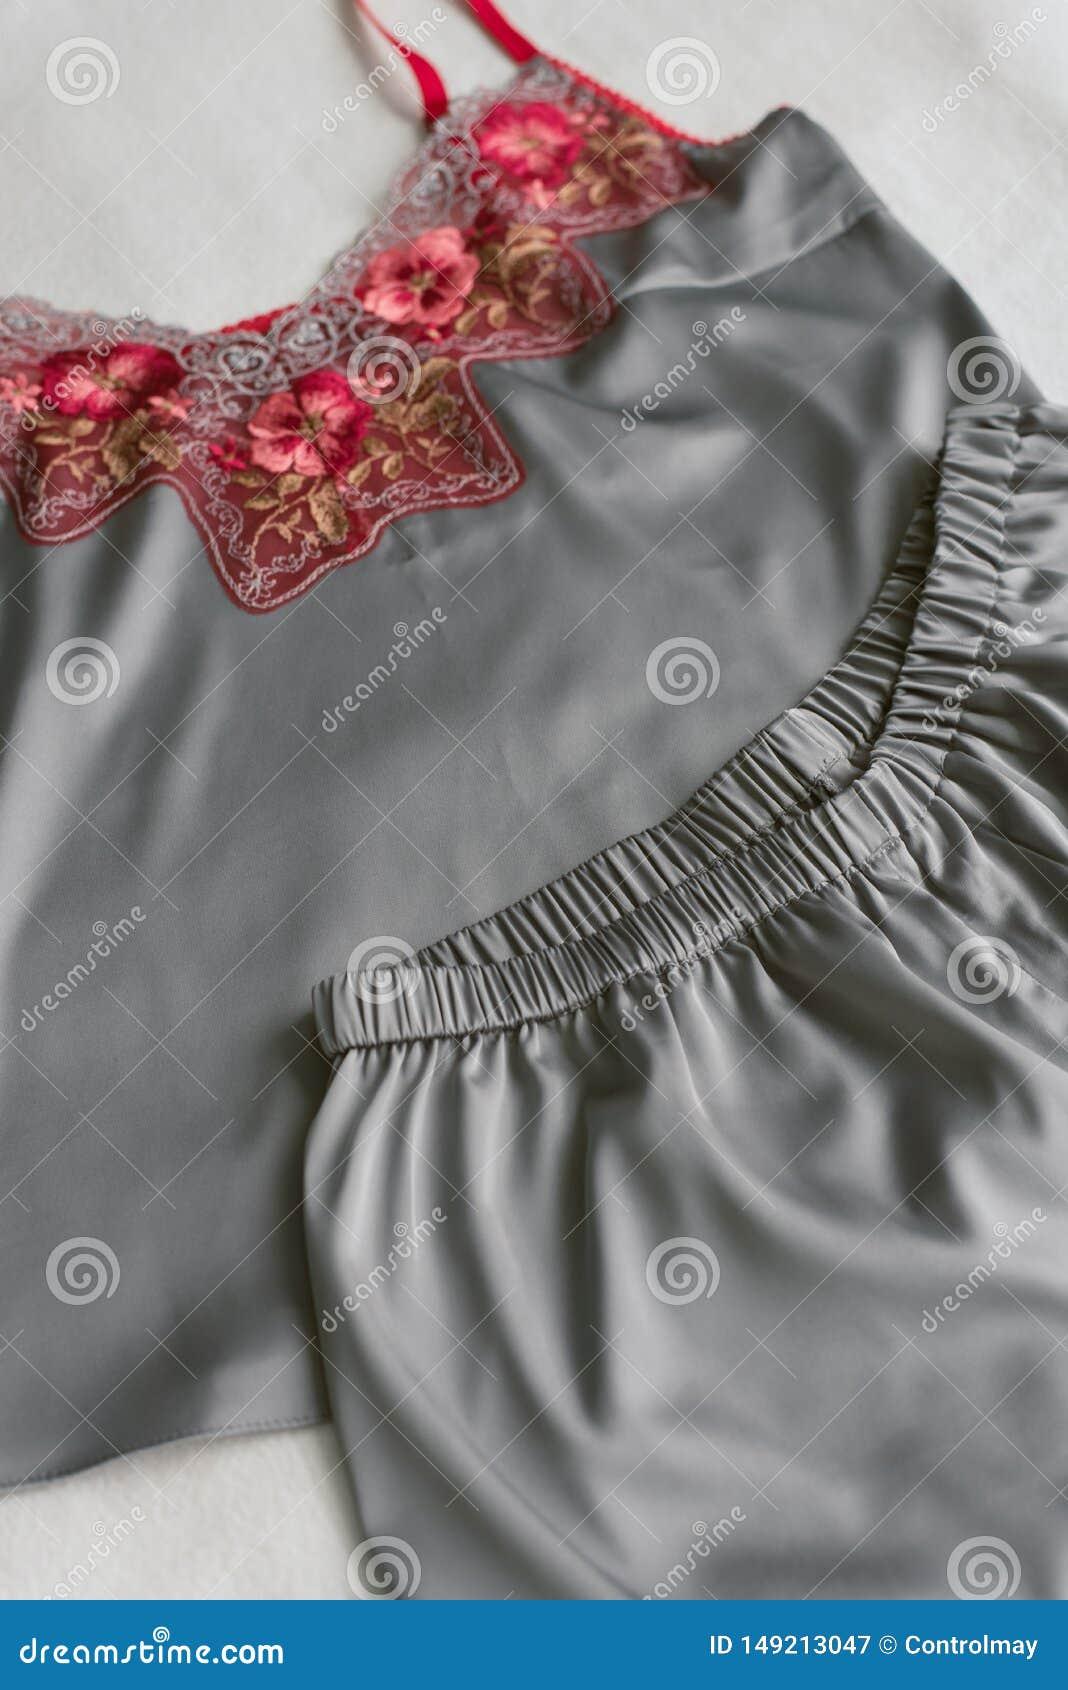 Eigengemaakte zijdepyjama s die op het bed zonder iedereen liggen grijze pyjama s met rood kant op een beige achtergrond